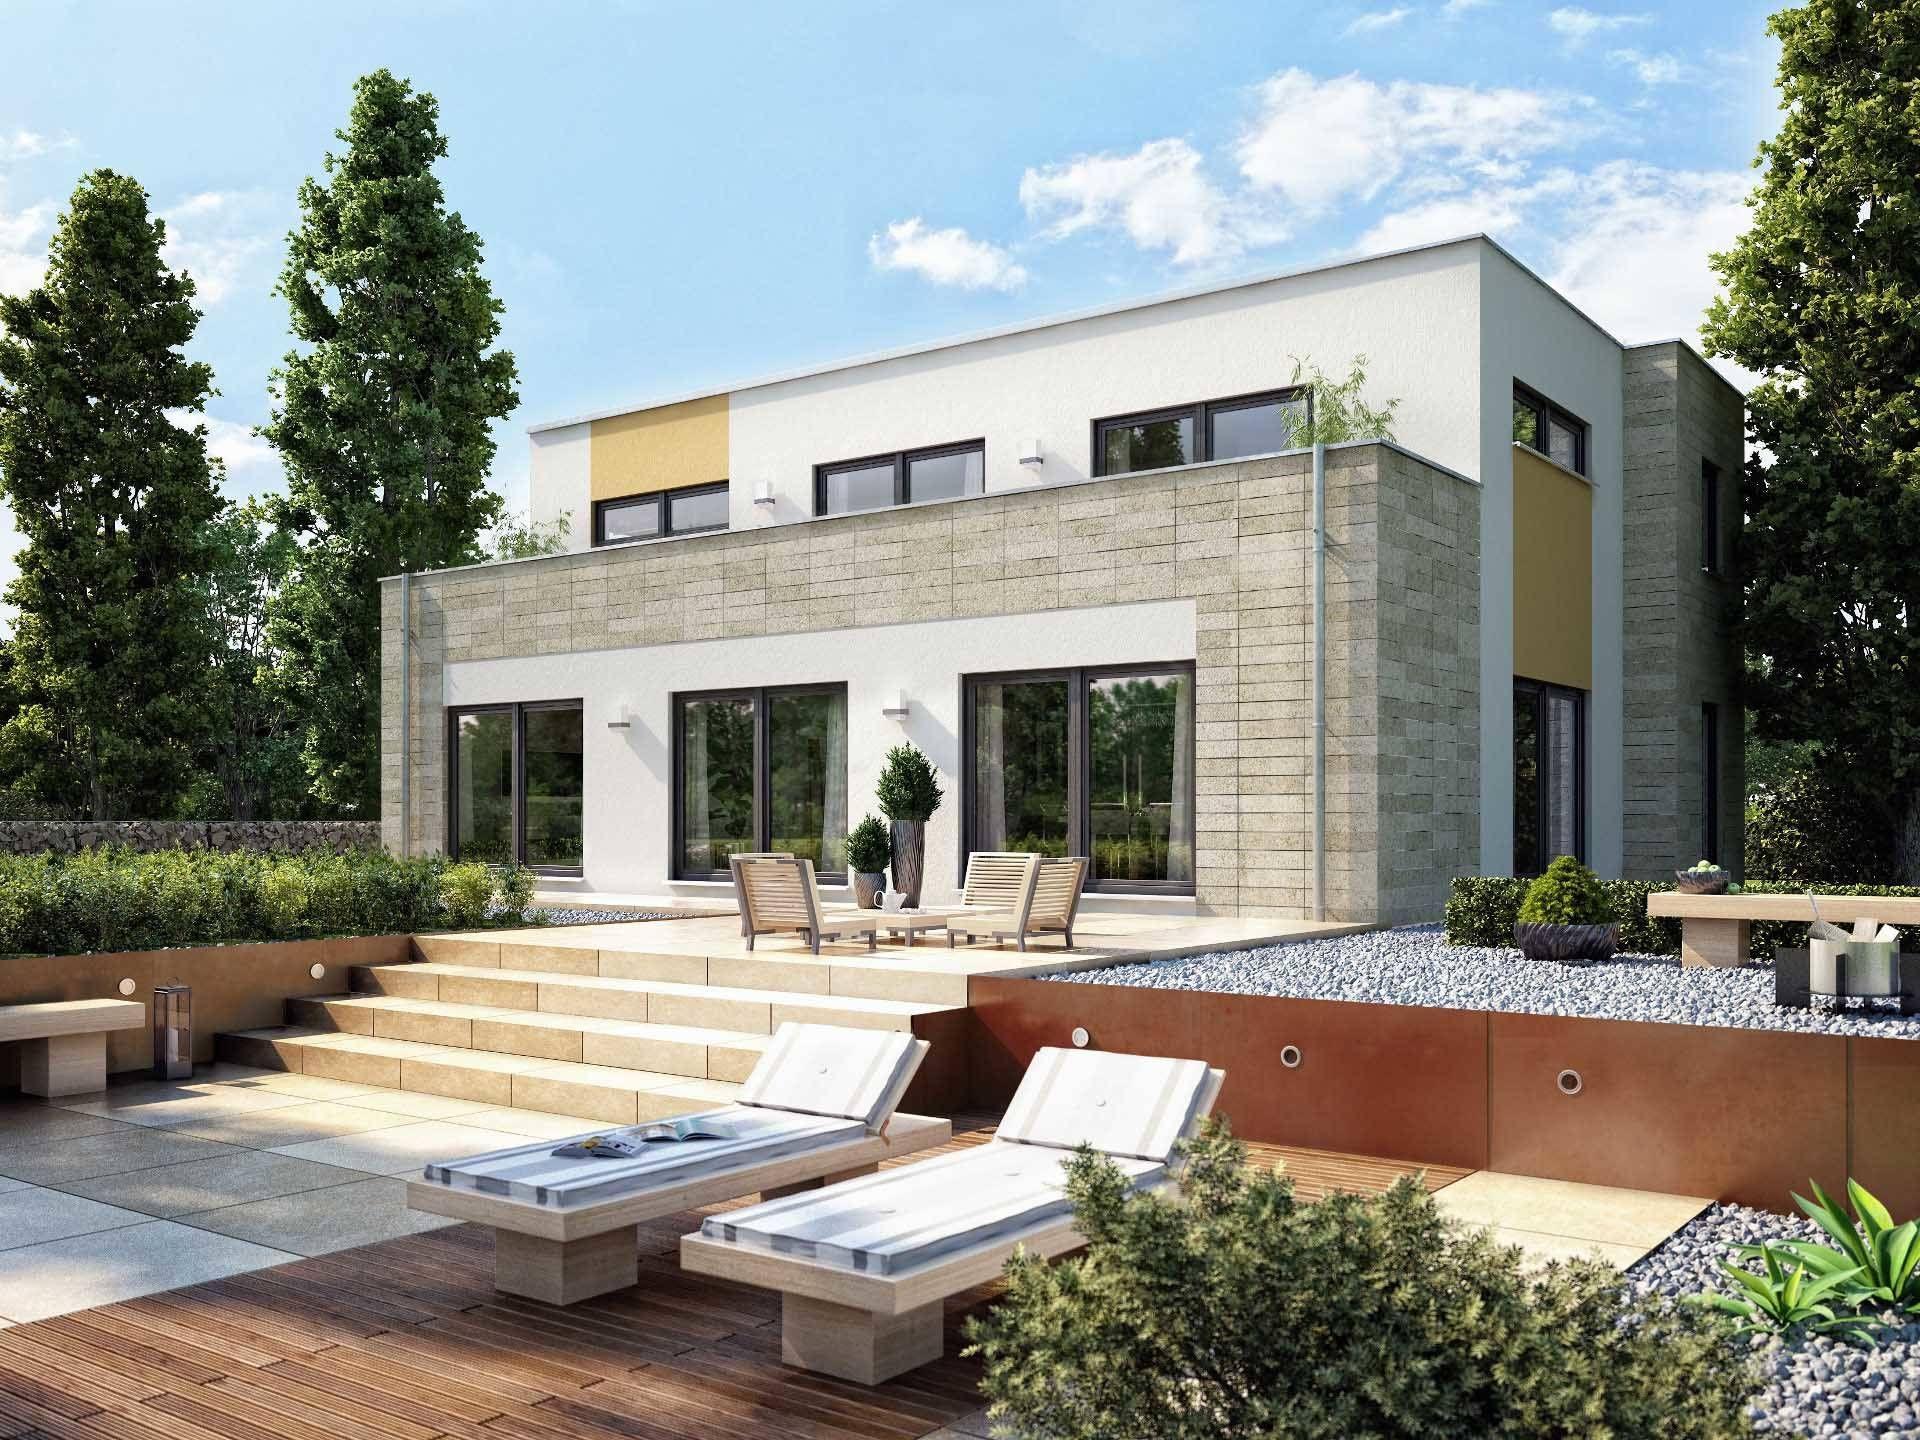 Exceptionnel Hausentwurf Sonnenterrasse • Bauhaus, Cubus von OKAL Haus  VL33